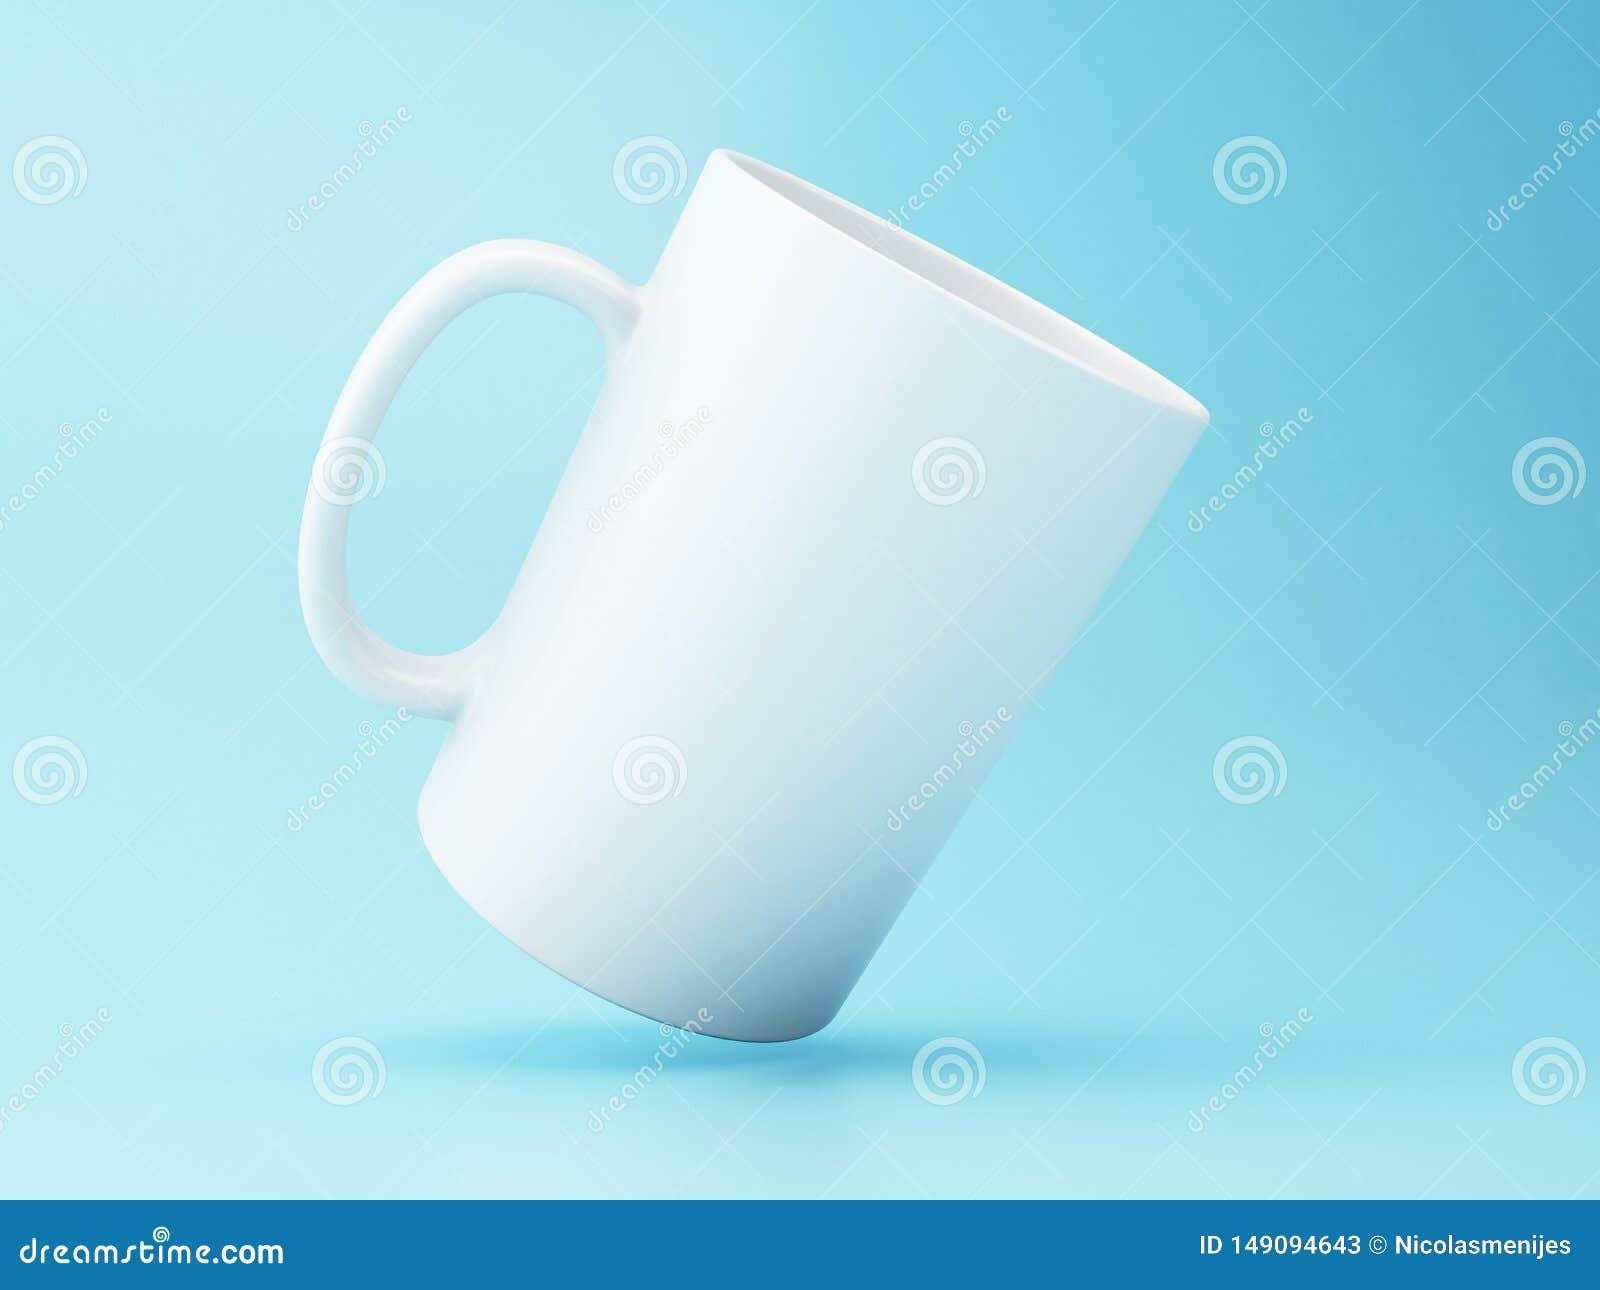 τρισδιάστατη άσπρη κούπα καφέ στο μπλε υπόβαθρο